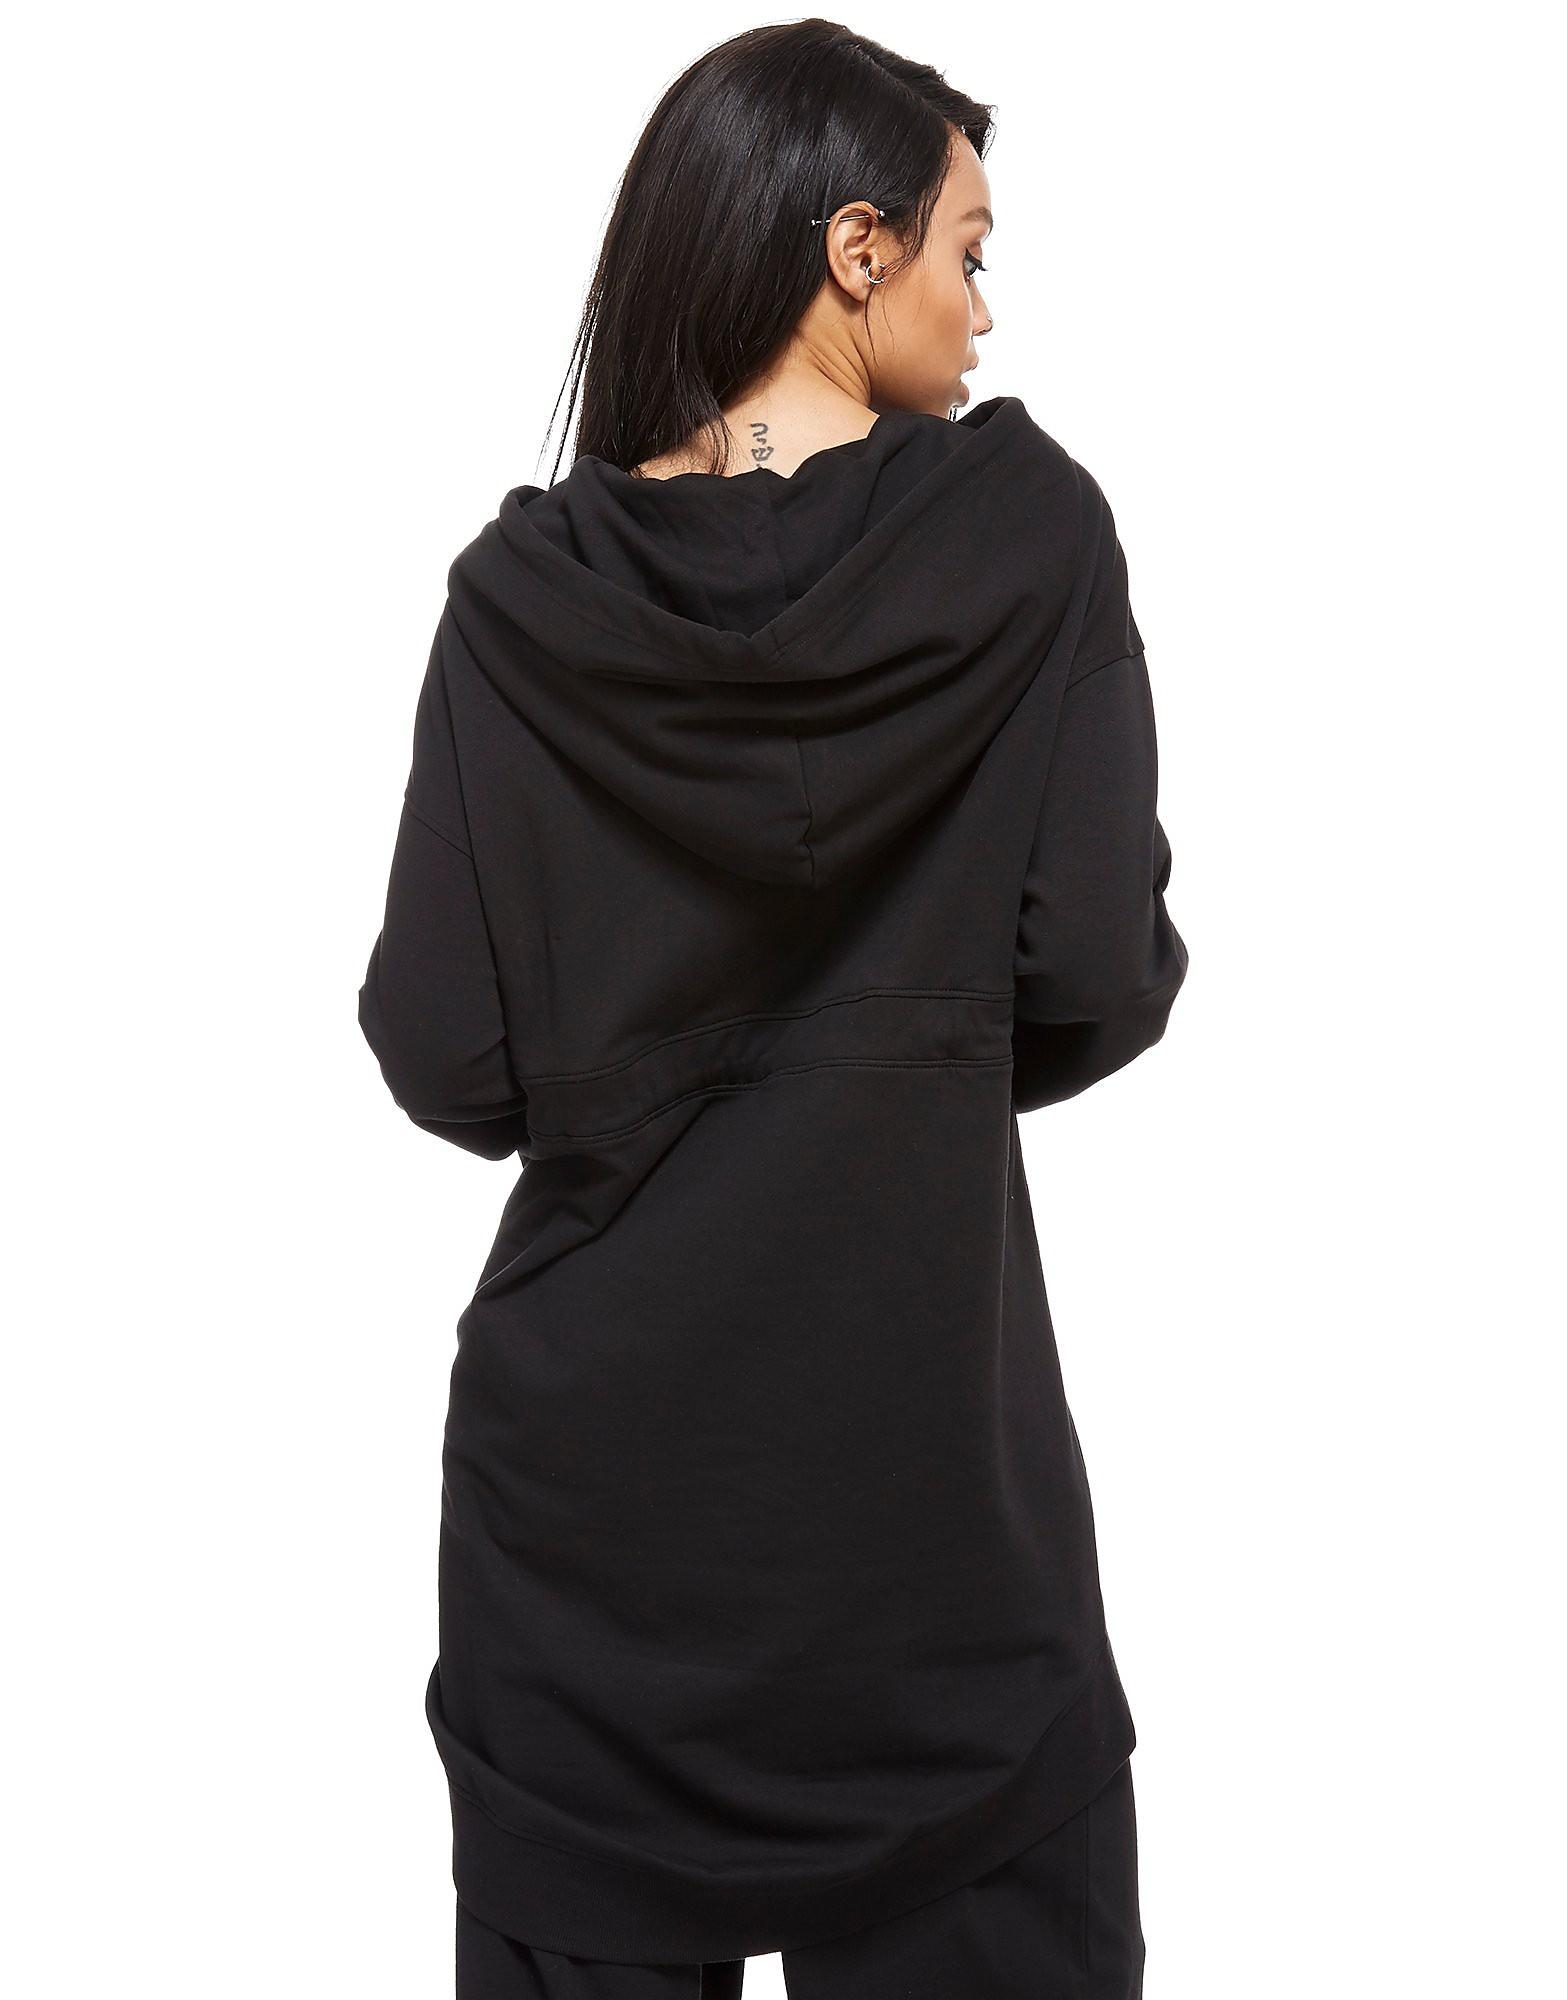 PUMA x Fenty Pullover-hoodie